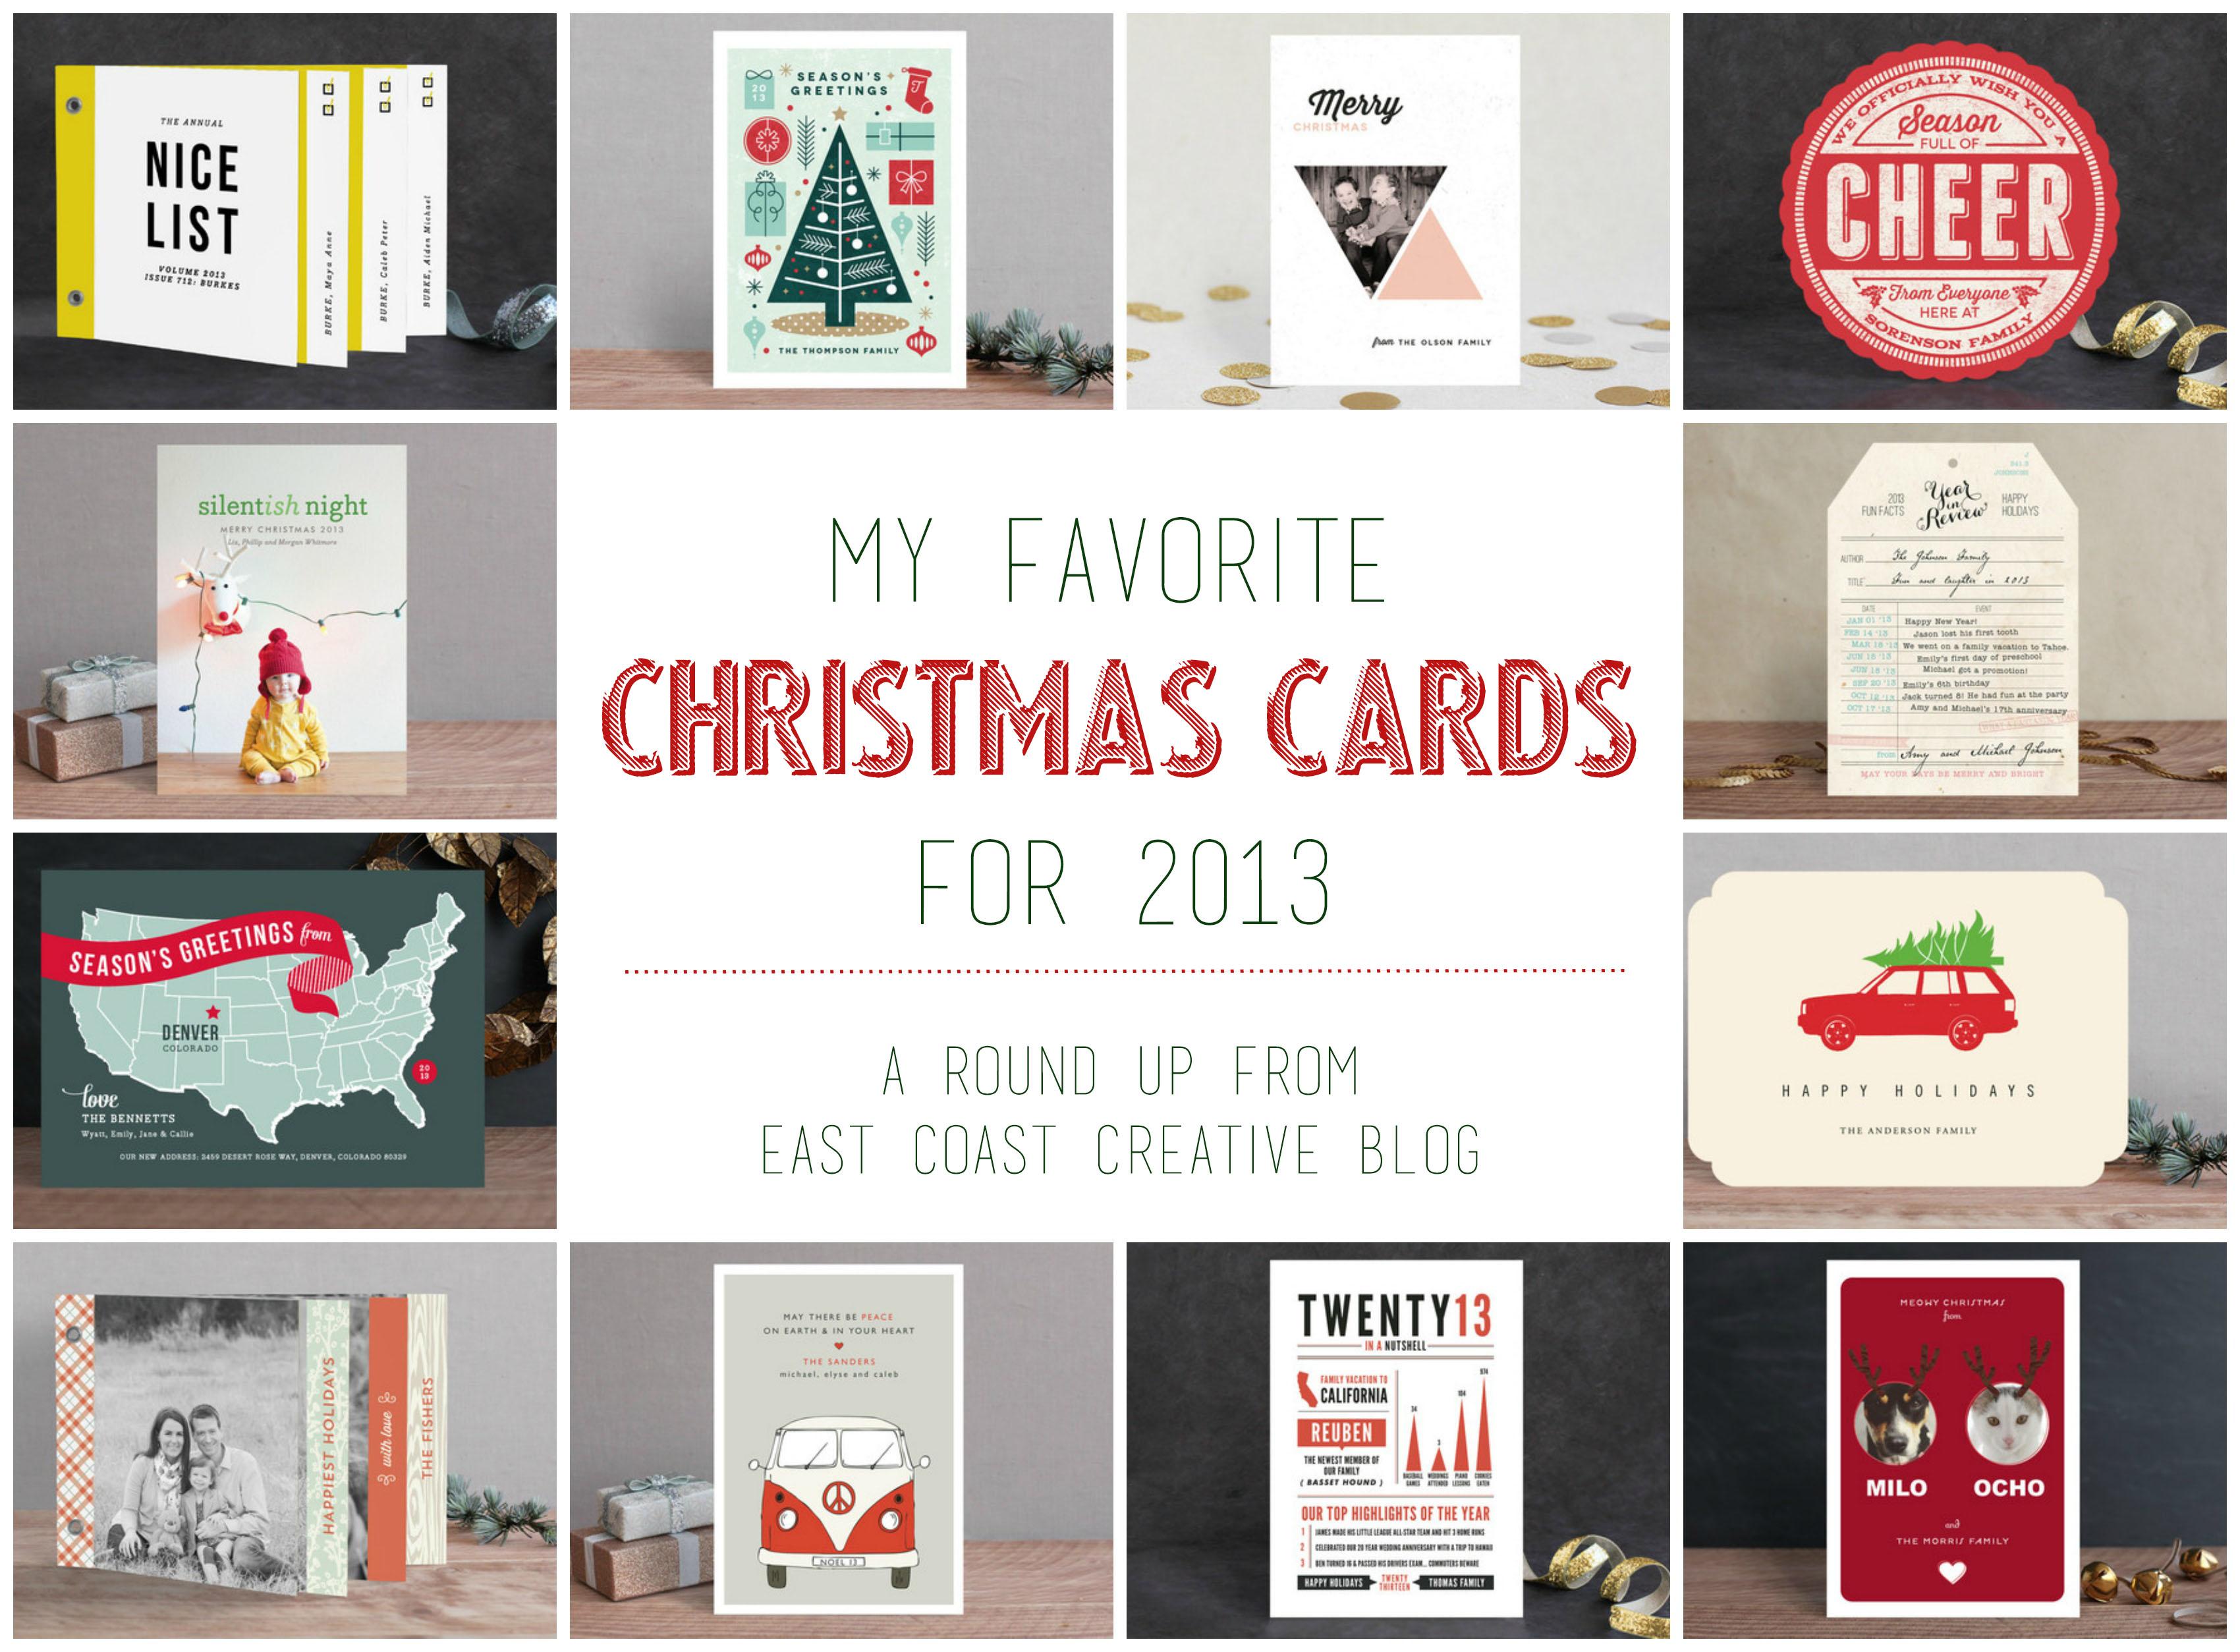 Comely Card Ideas East Coast Blog Family Go Cards Card Ideas Eyfs ideas Christmas Card Ideas